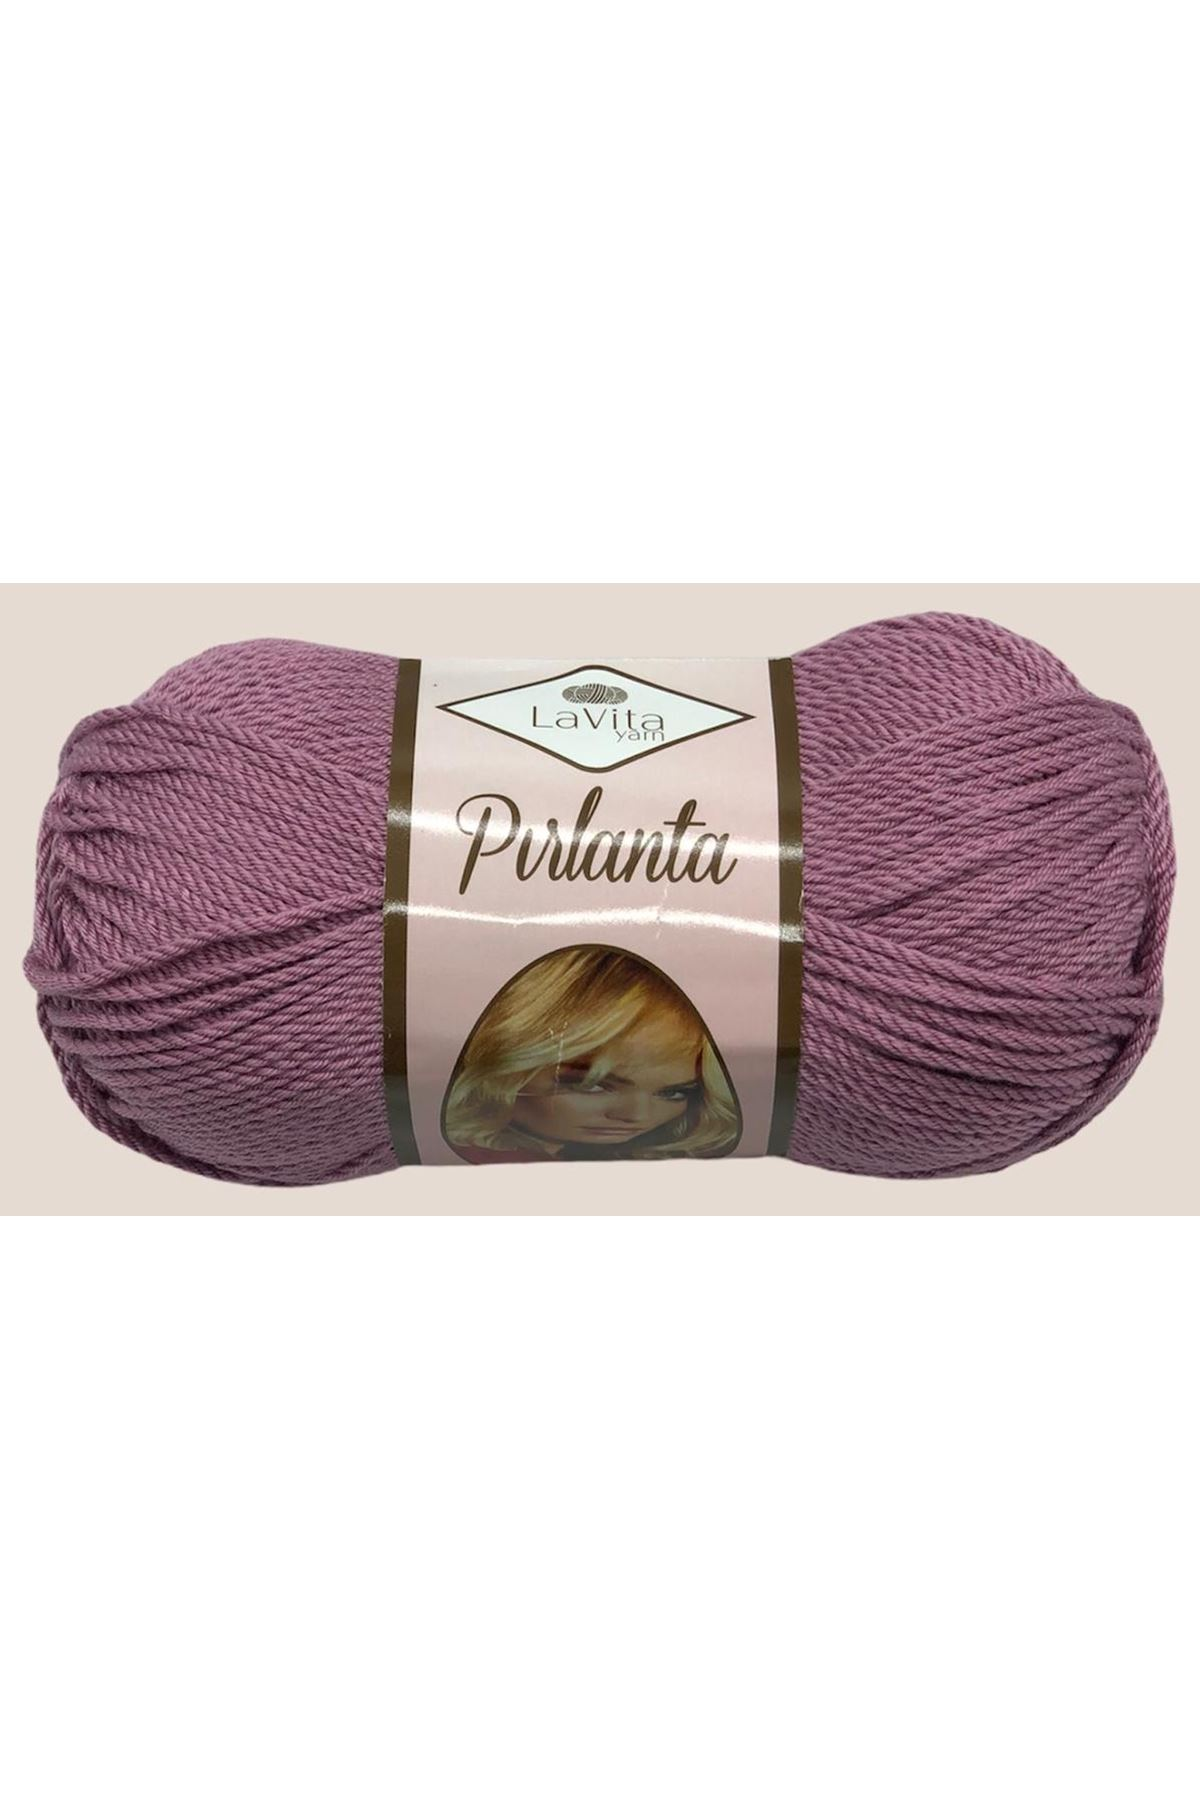 Lavita Pırlanta - 0021 Lila